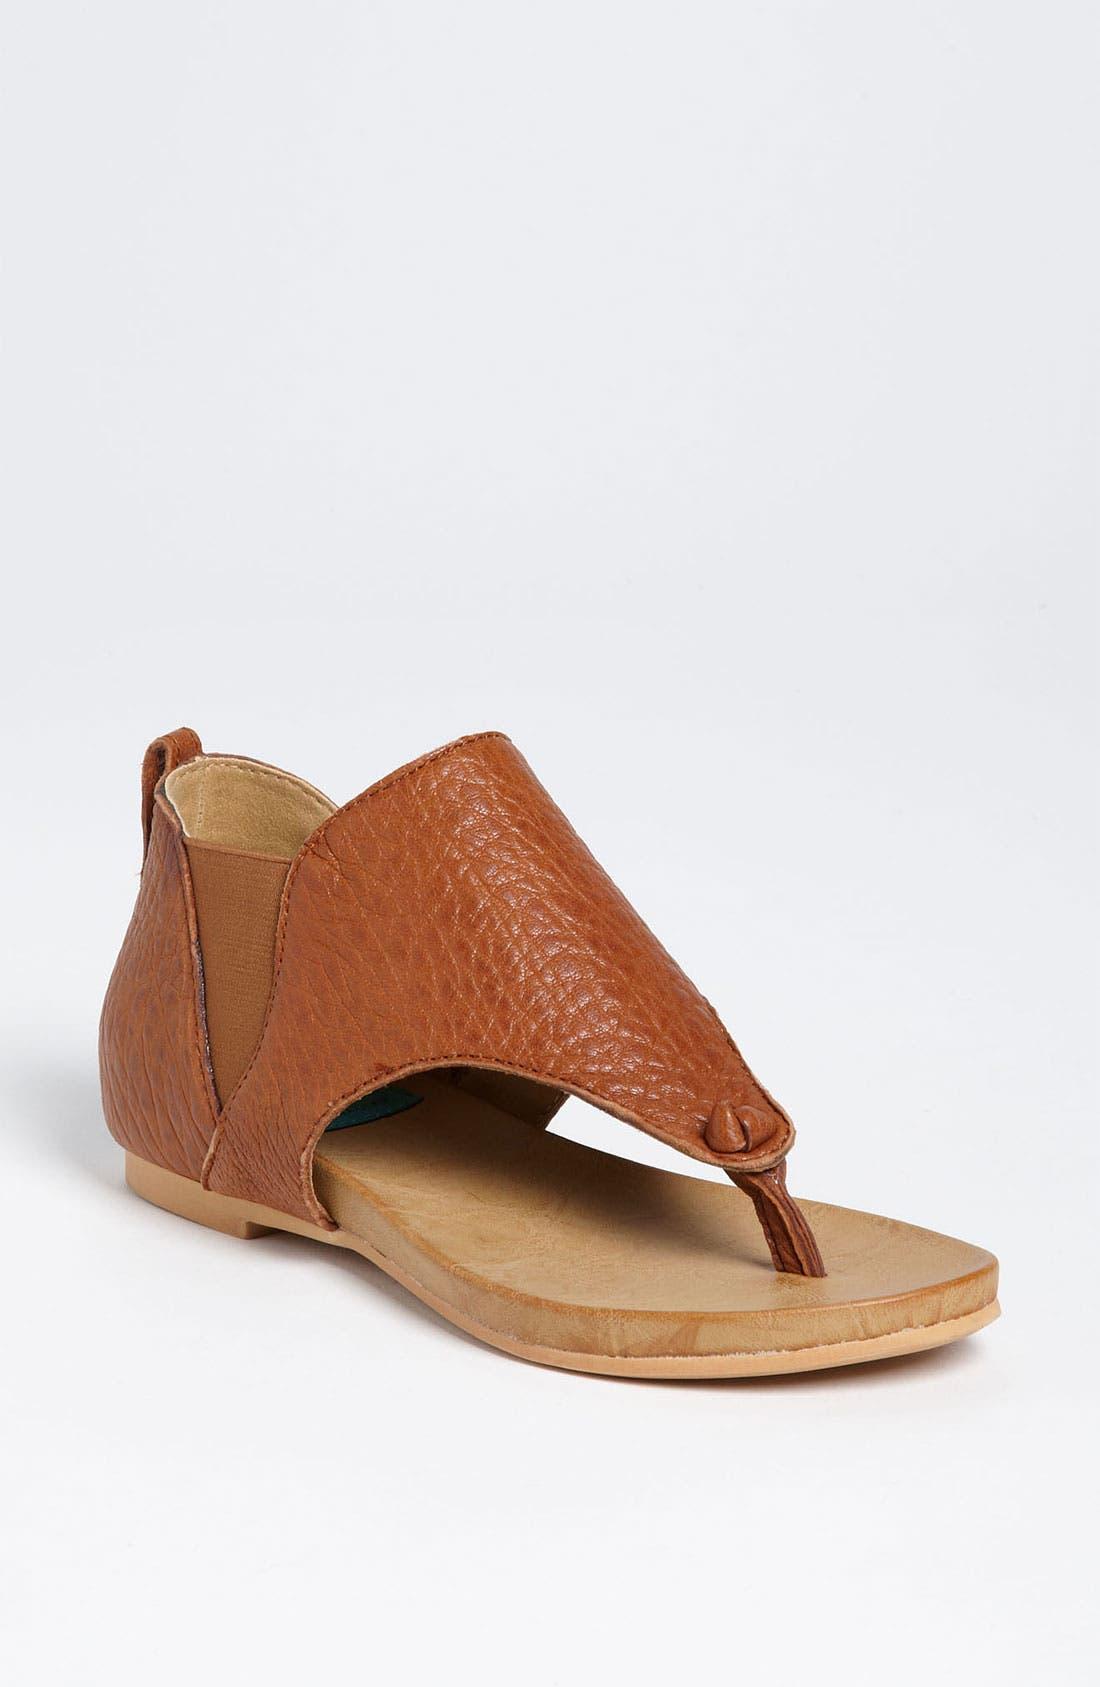 Main Image - Fugu Malibu 'Tonga' Sandal